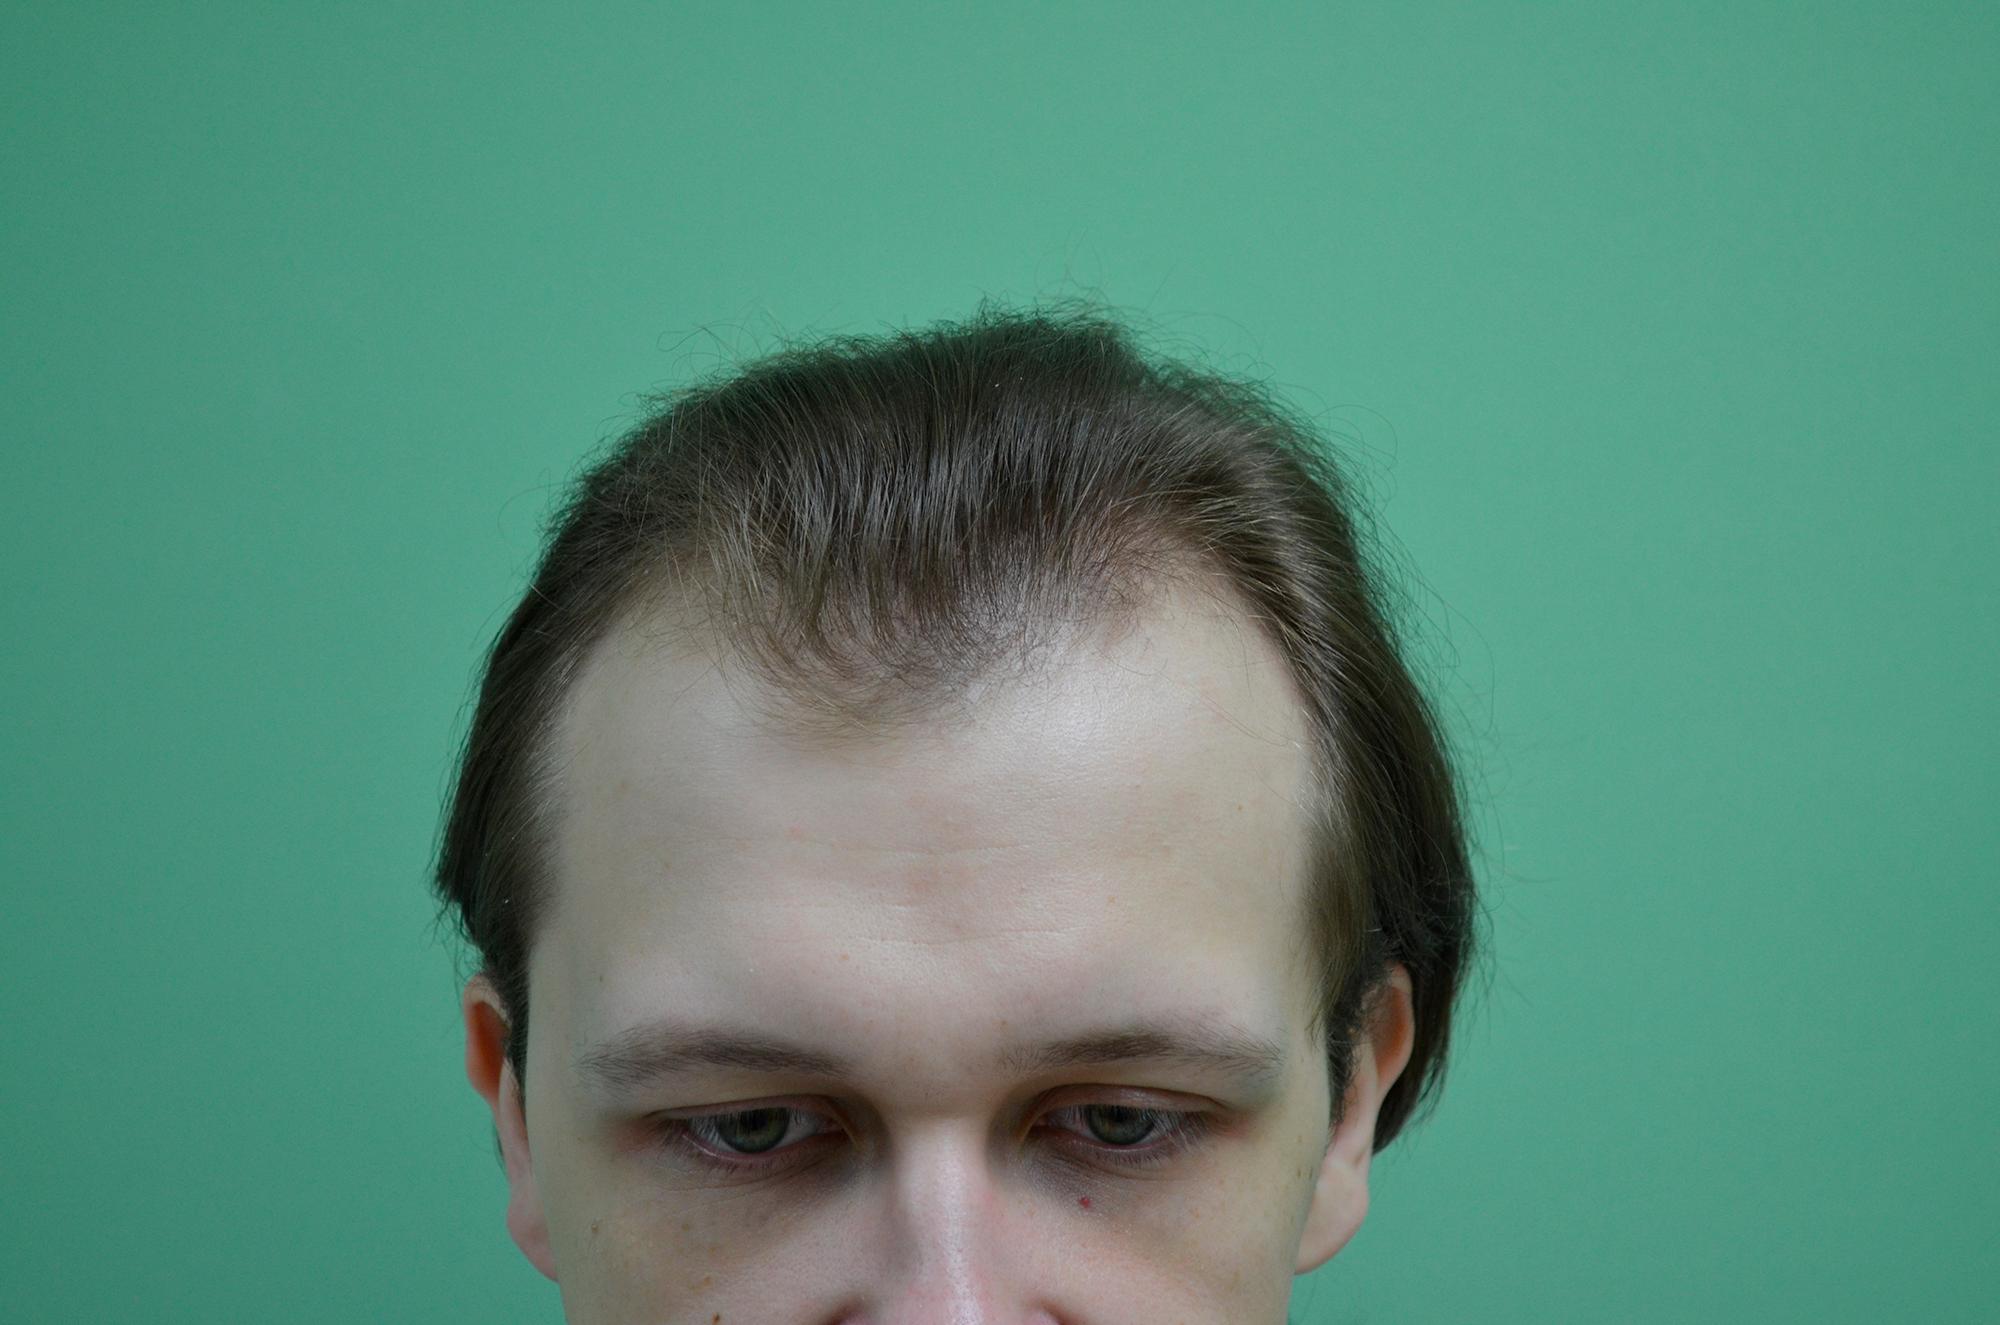 Так выглядели мои волосы до операции